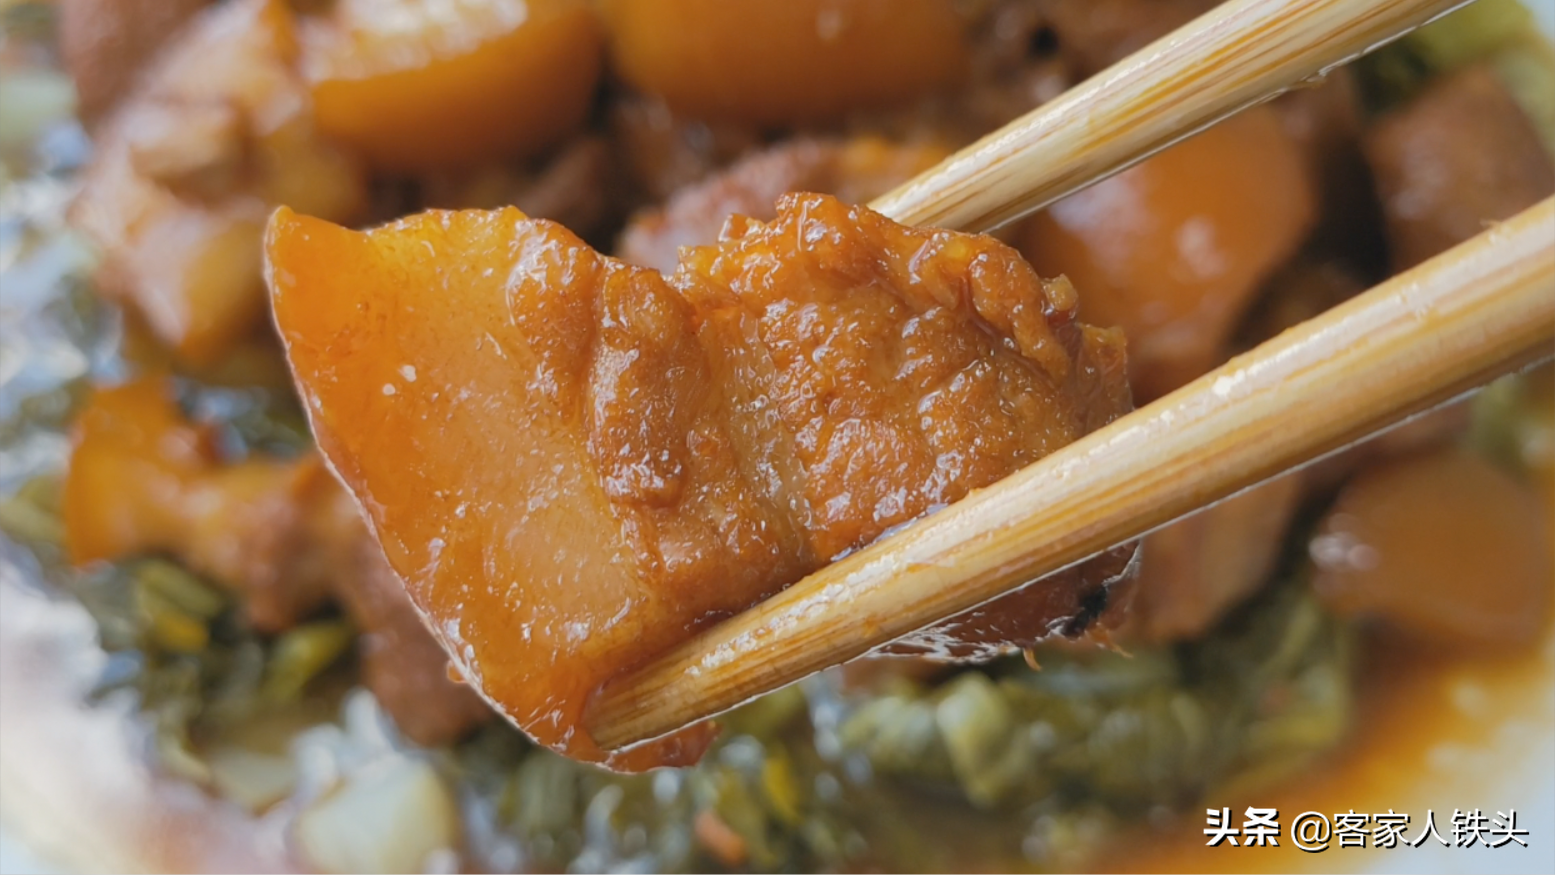 廣東人酒席上必上的一道菜,不用大料,出鍋口感香軟,好吃又不膩